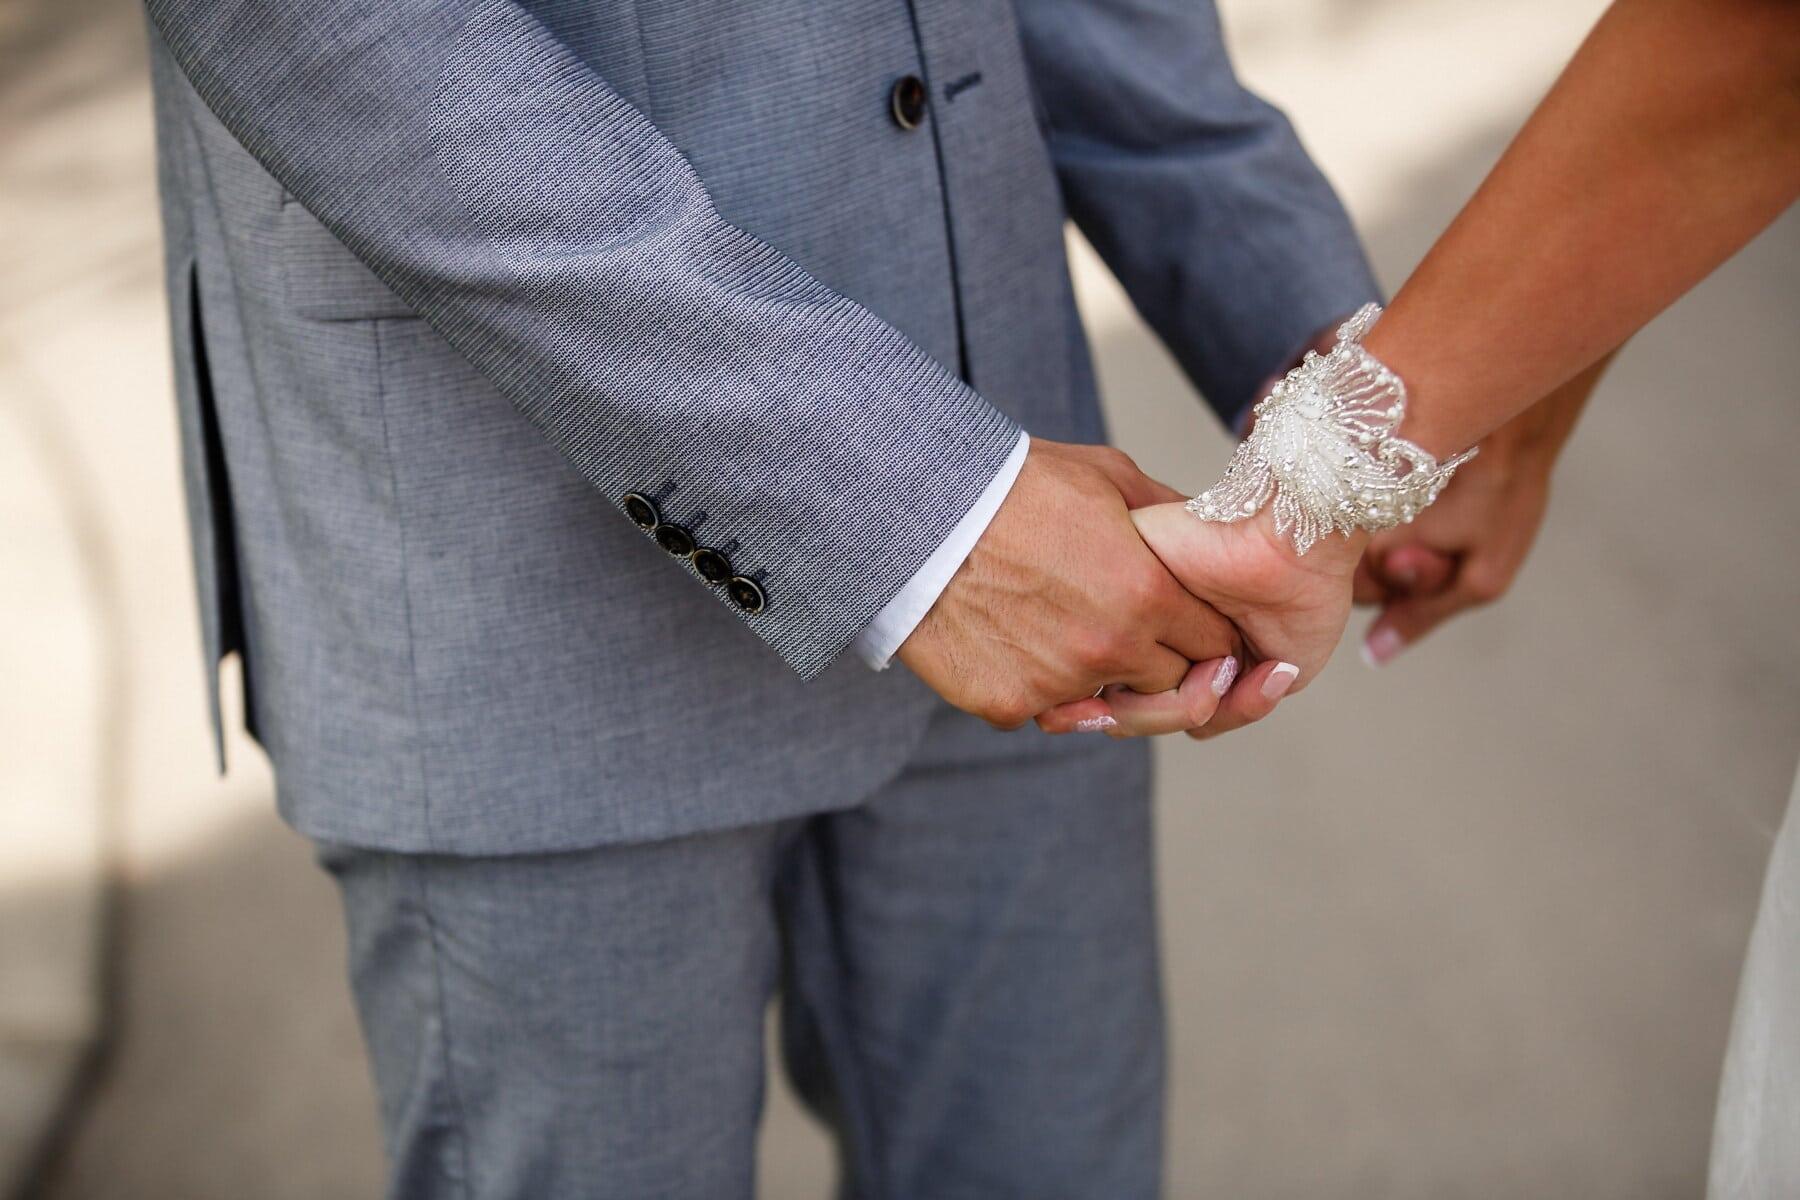 homme, femme, mains, main dans la main, La Saint-Valentin, bras, relation, costume, vêtements, partenariat